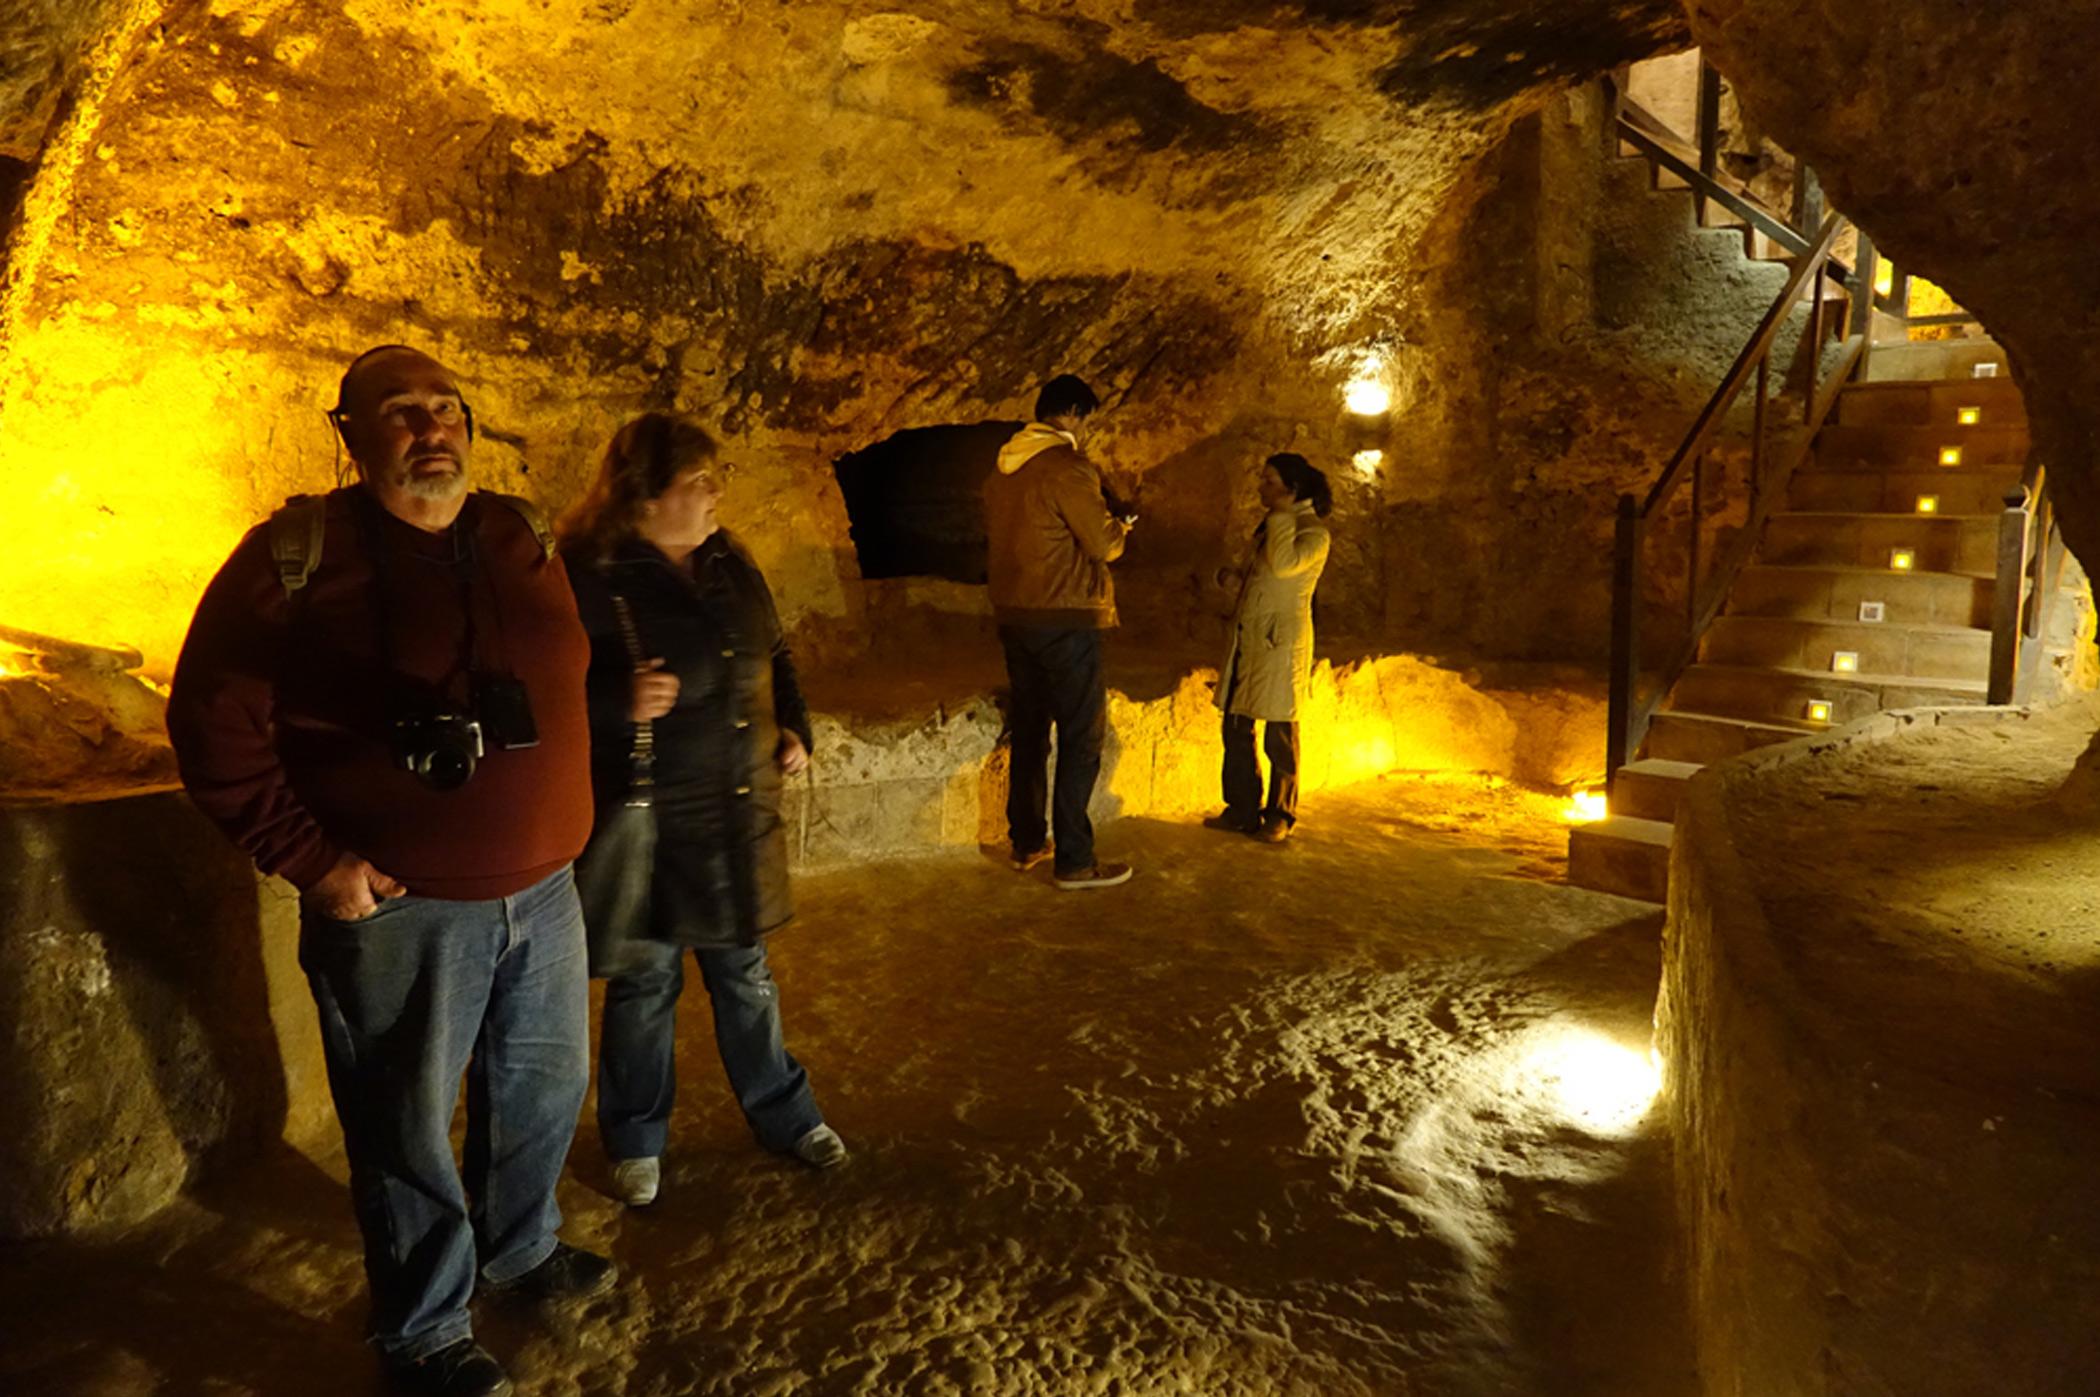 la cultura milenaria del vino de Requena